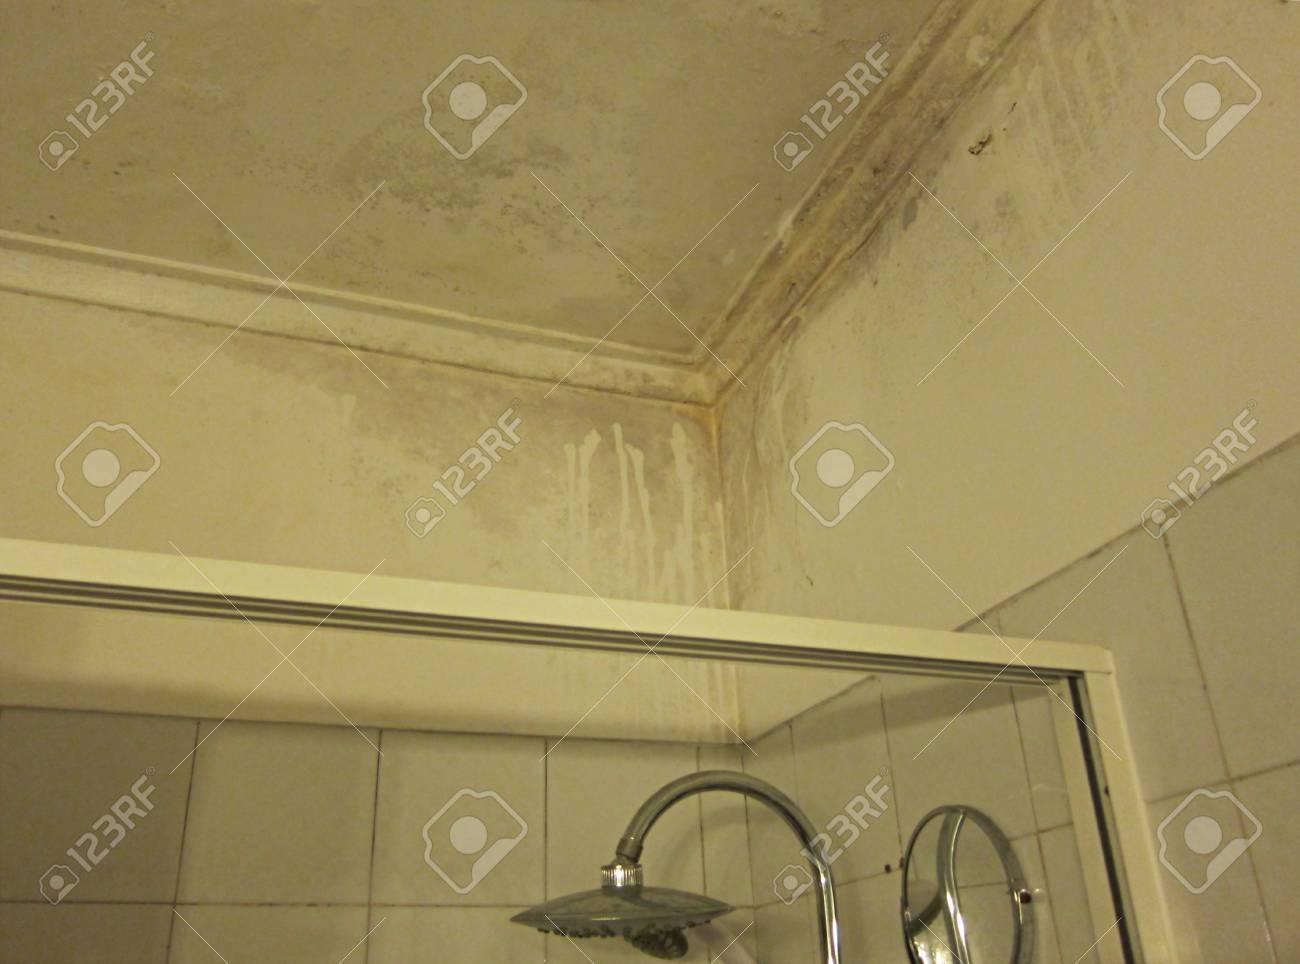 Schwere Wasserschäden Verursachen Schimmel Und Feuchtigkeit An ...